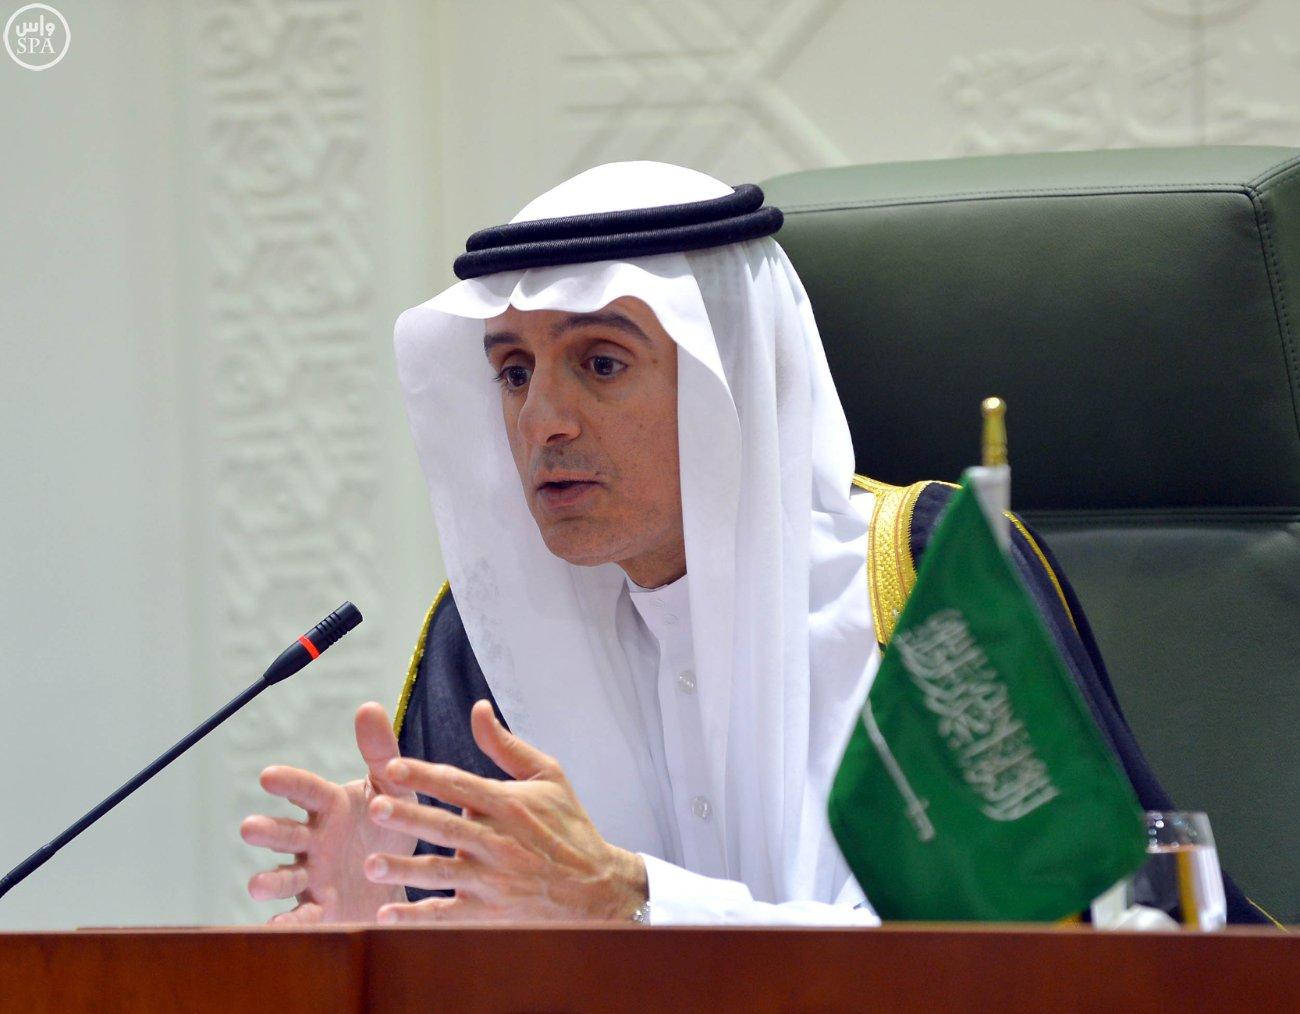 الجبير يحاضر عن العلاقات السعودية الأمريكية ويلتقي برجال الأعمال الأمريكيين - المواطن